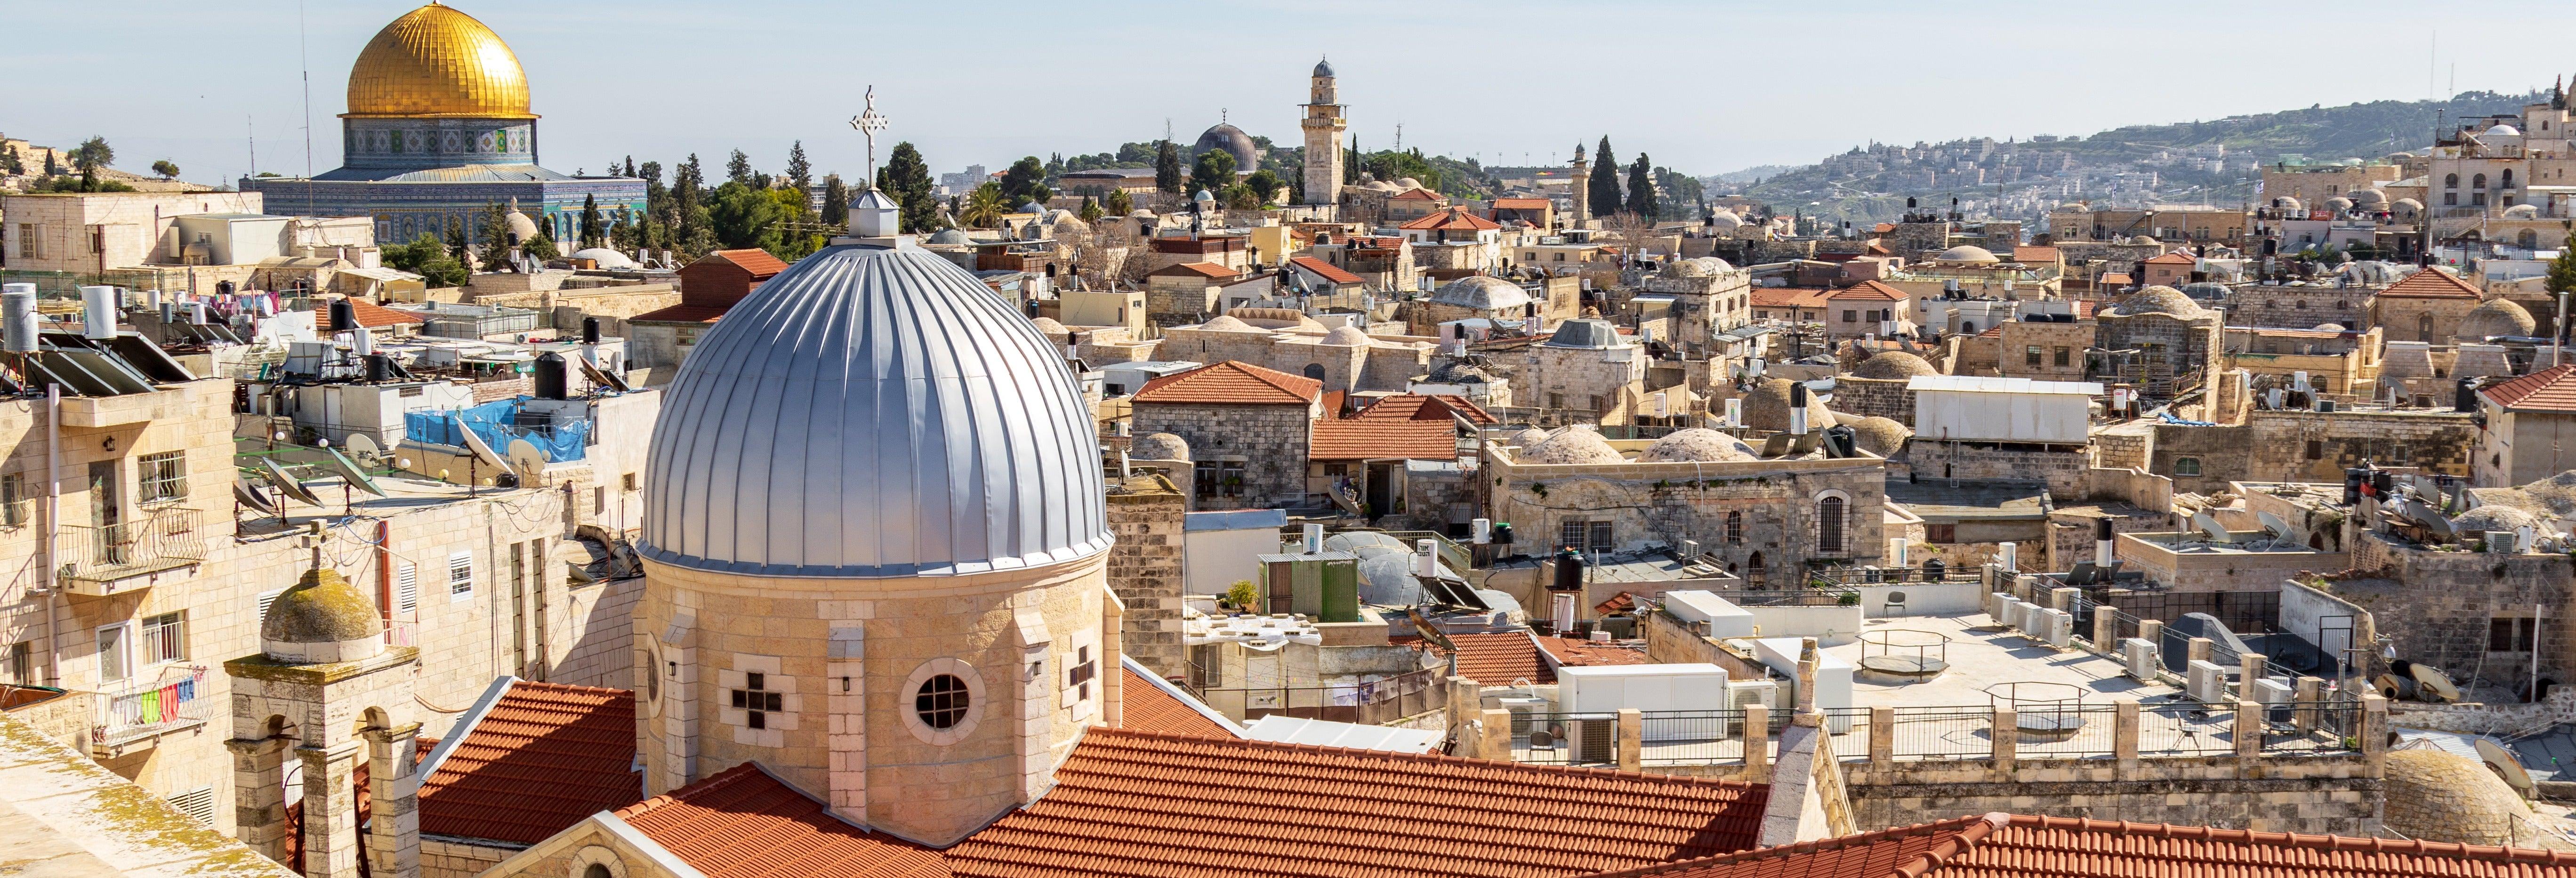 Visita guiada por Jerusalén al completo